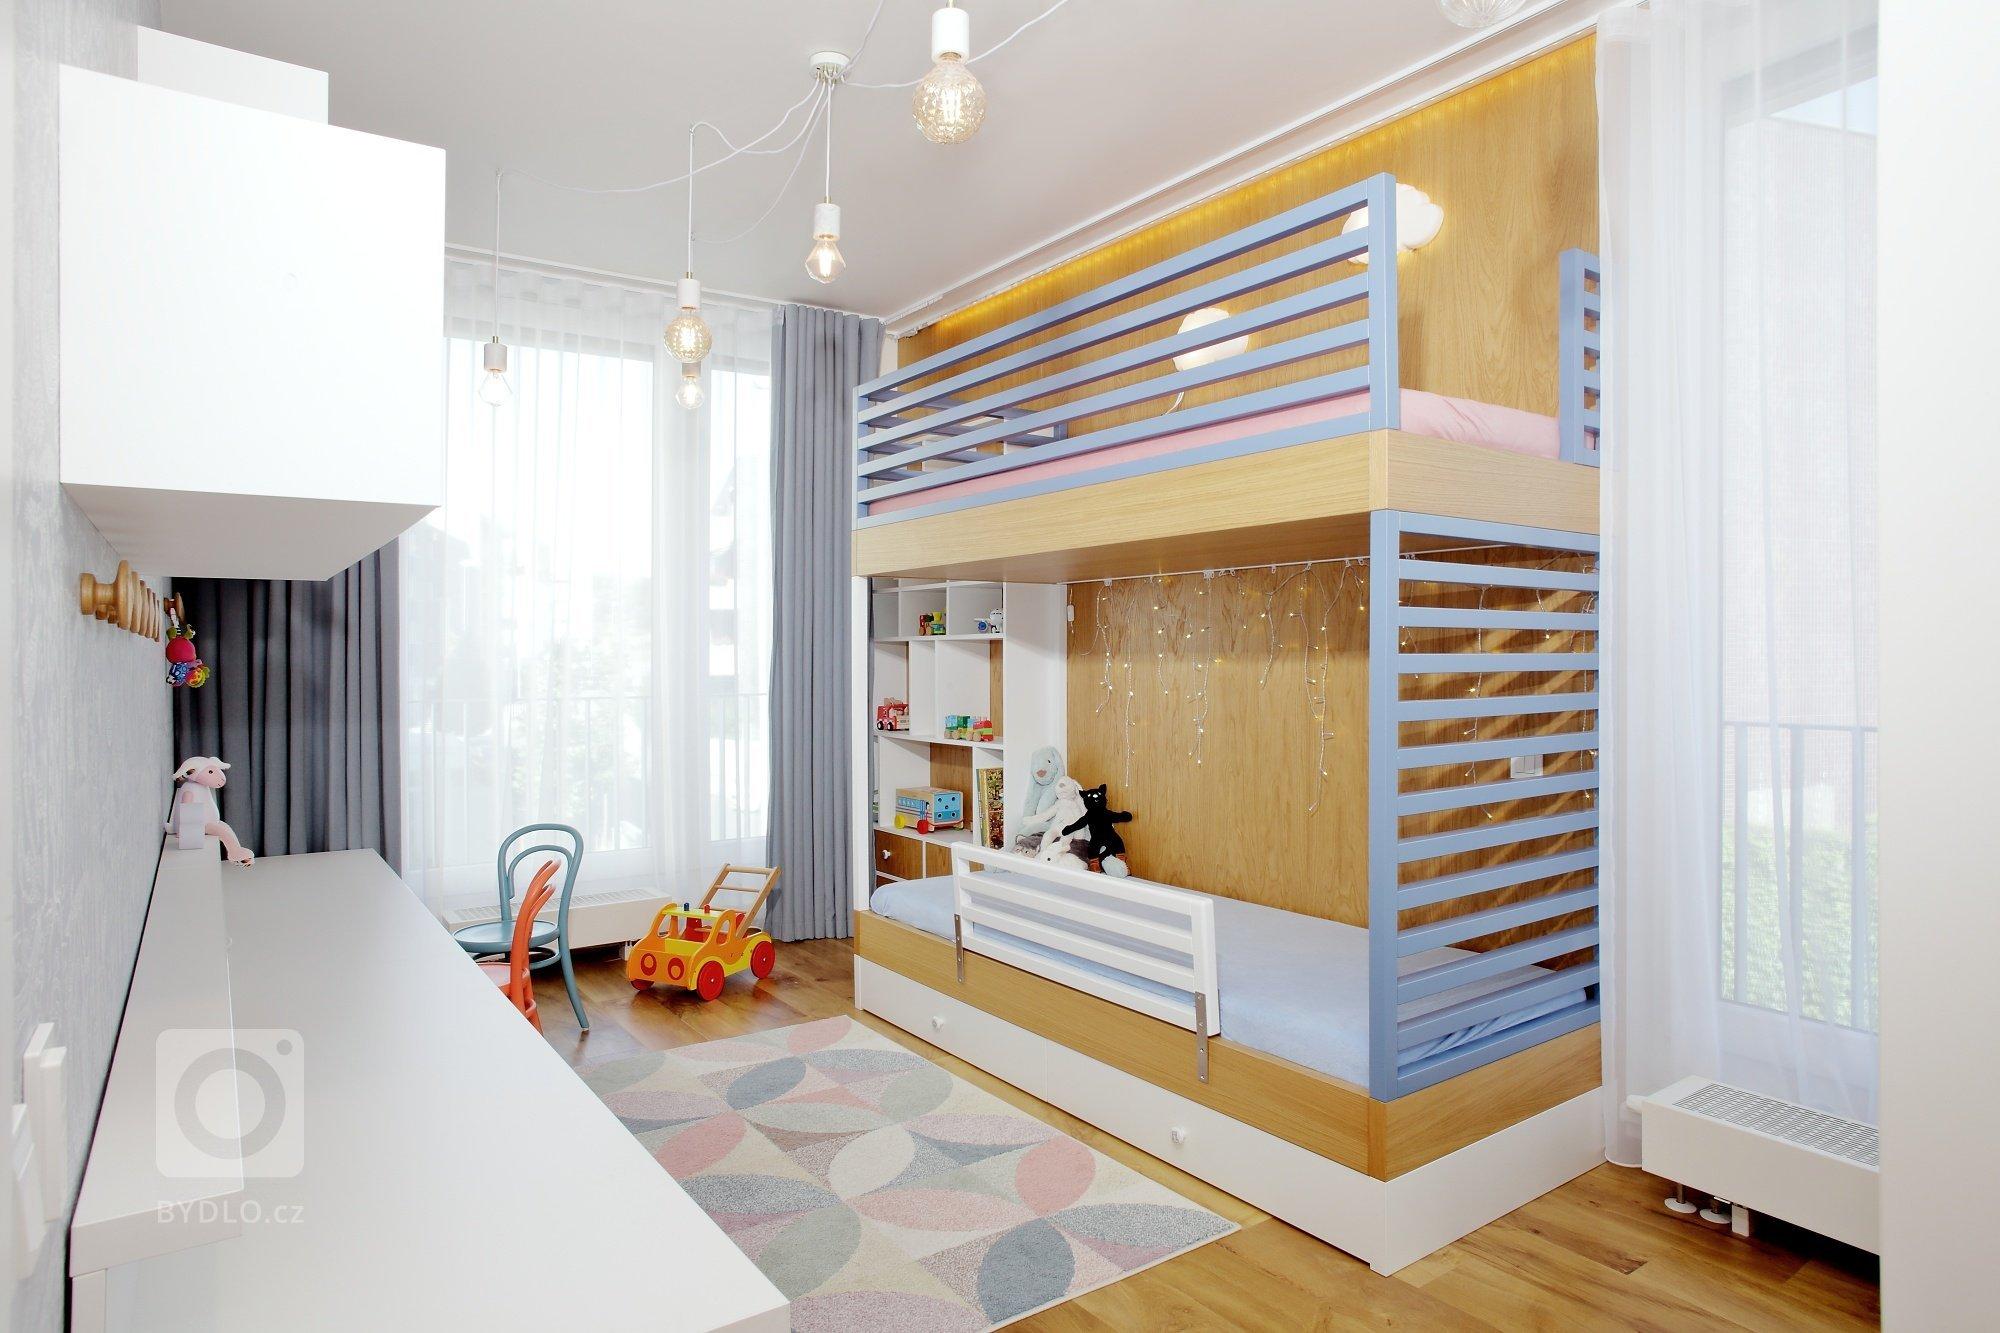 Parádní ložnice se zábavnou sadou asymetrických šuplíků! V této úzké místnosti jedné straně vládne poschoďová postel s pastelovými žebřinami a druhé pak…